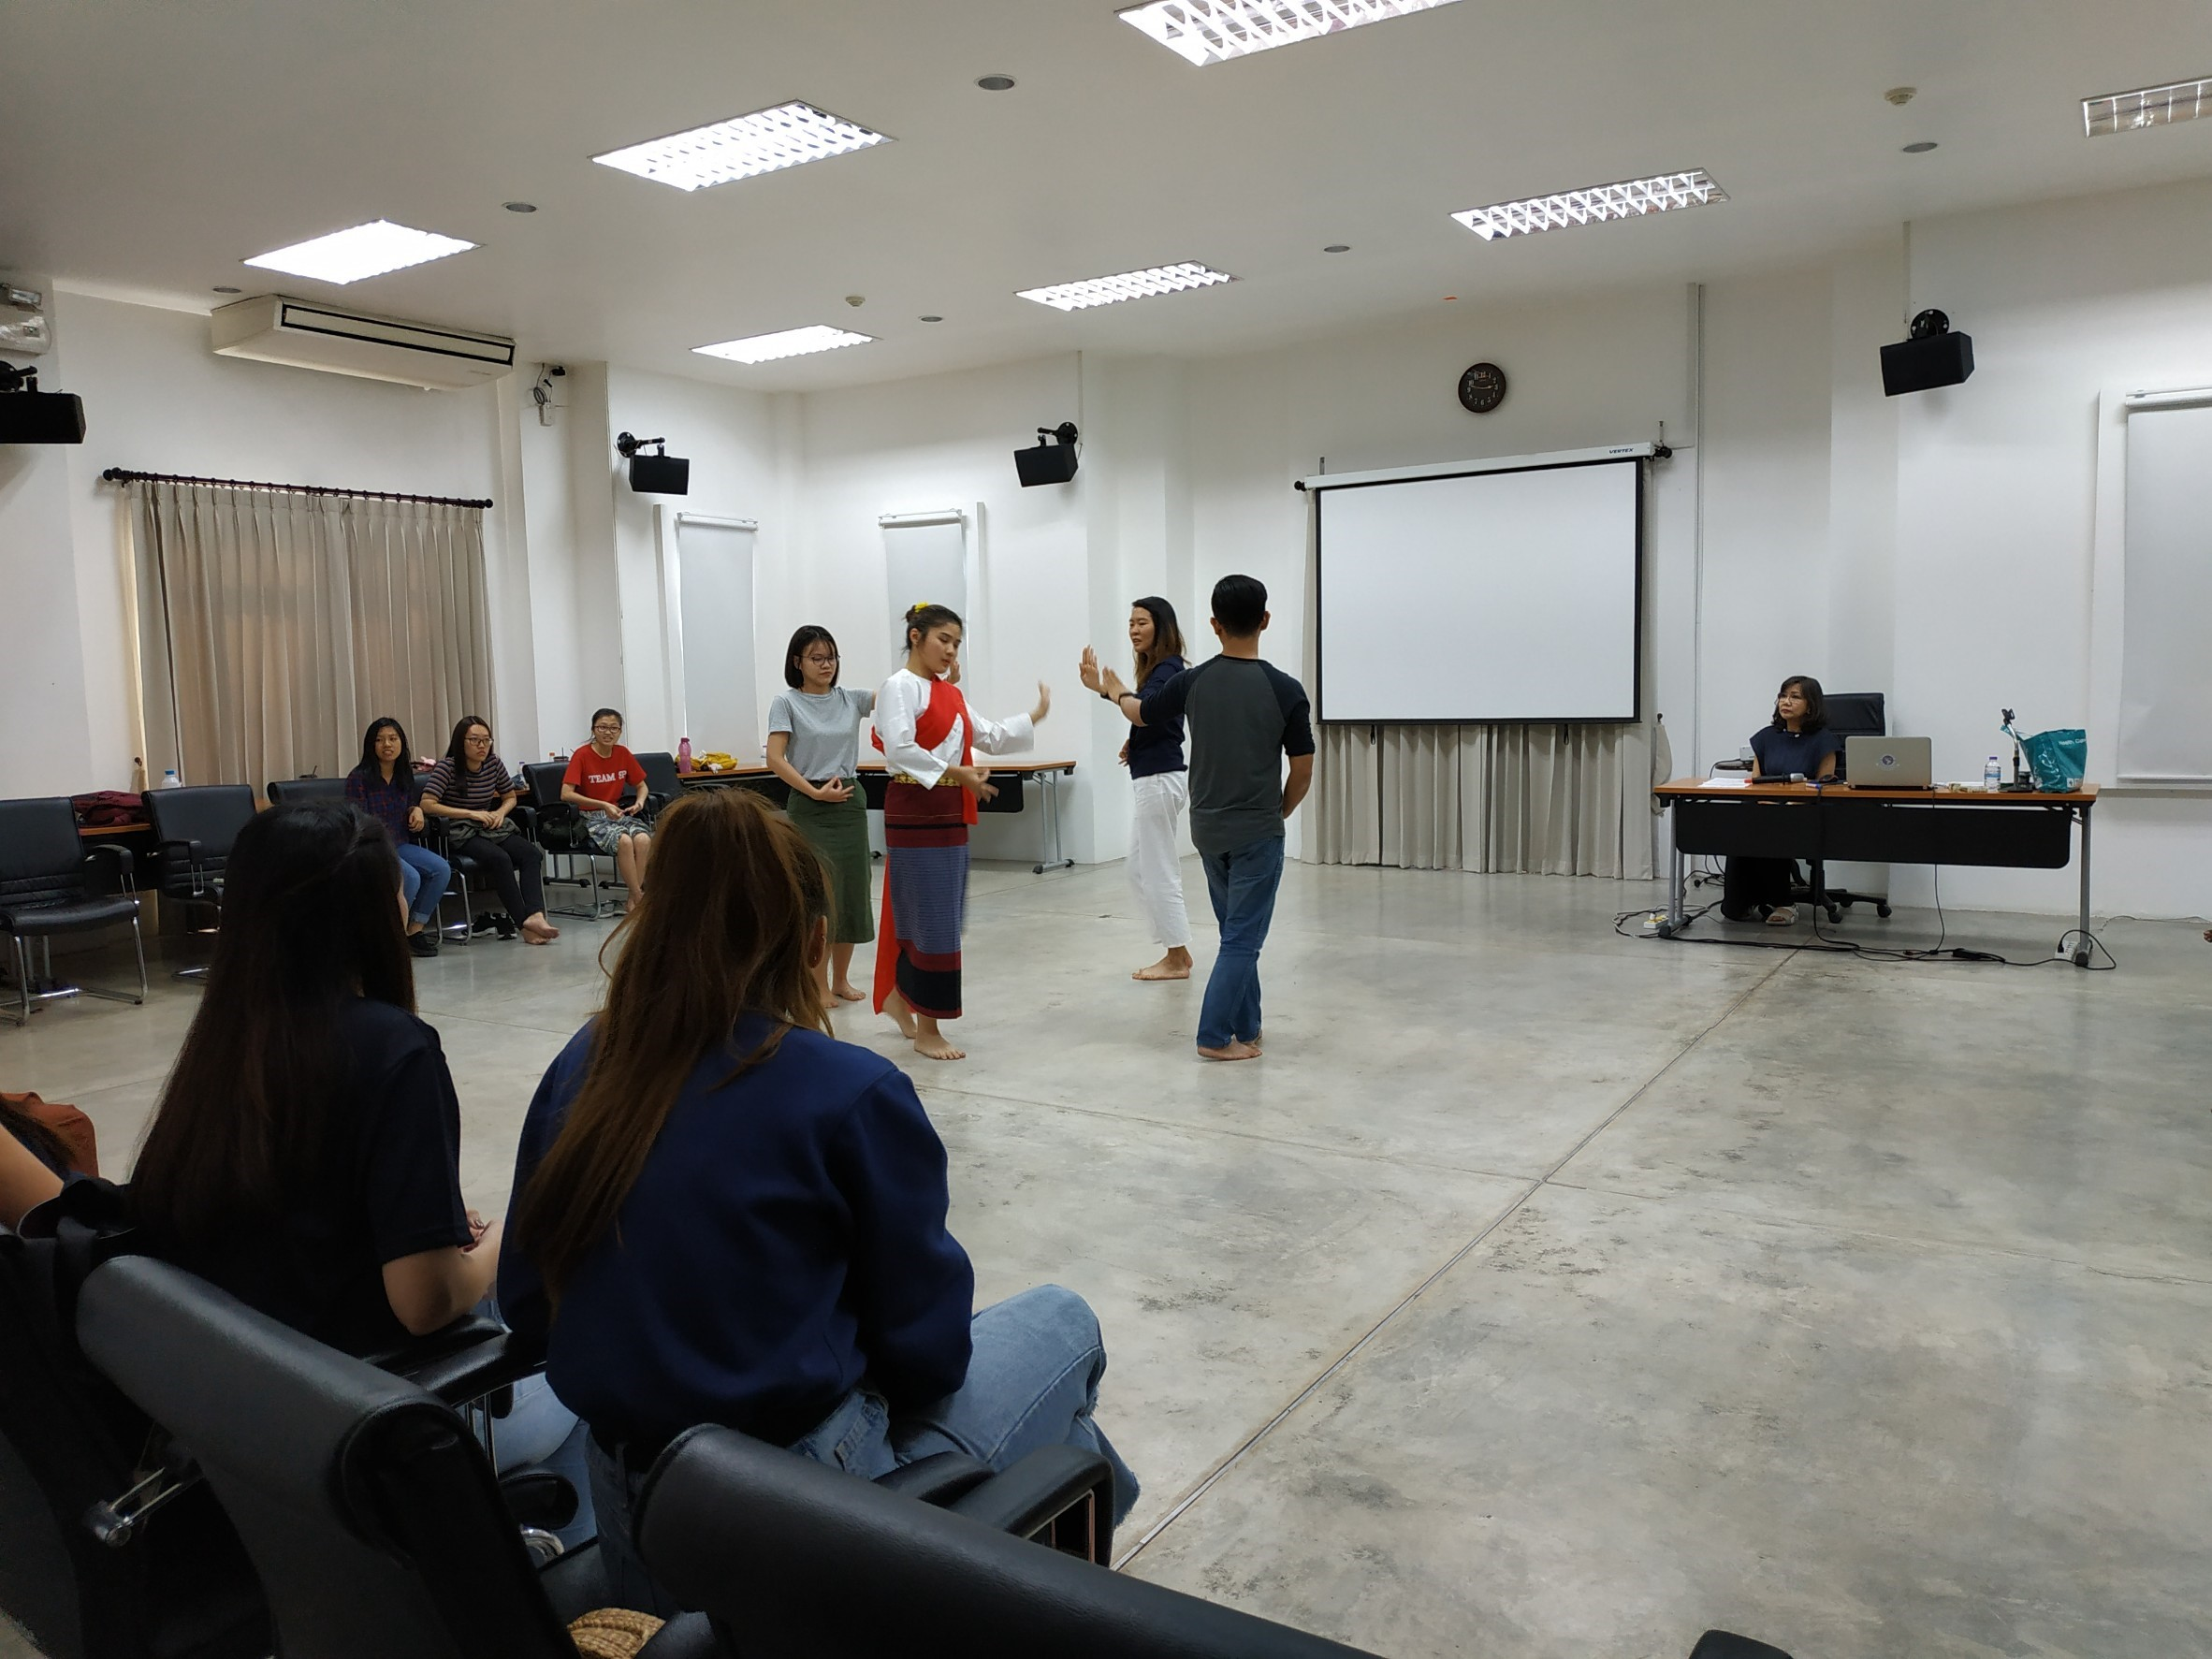 ให้การบรรยายในหัวข้อ Lanna Dance แก่นักศึกษา Nanyang University